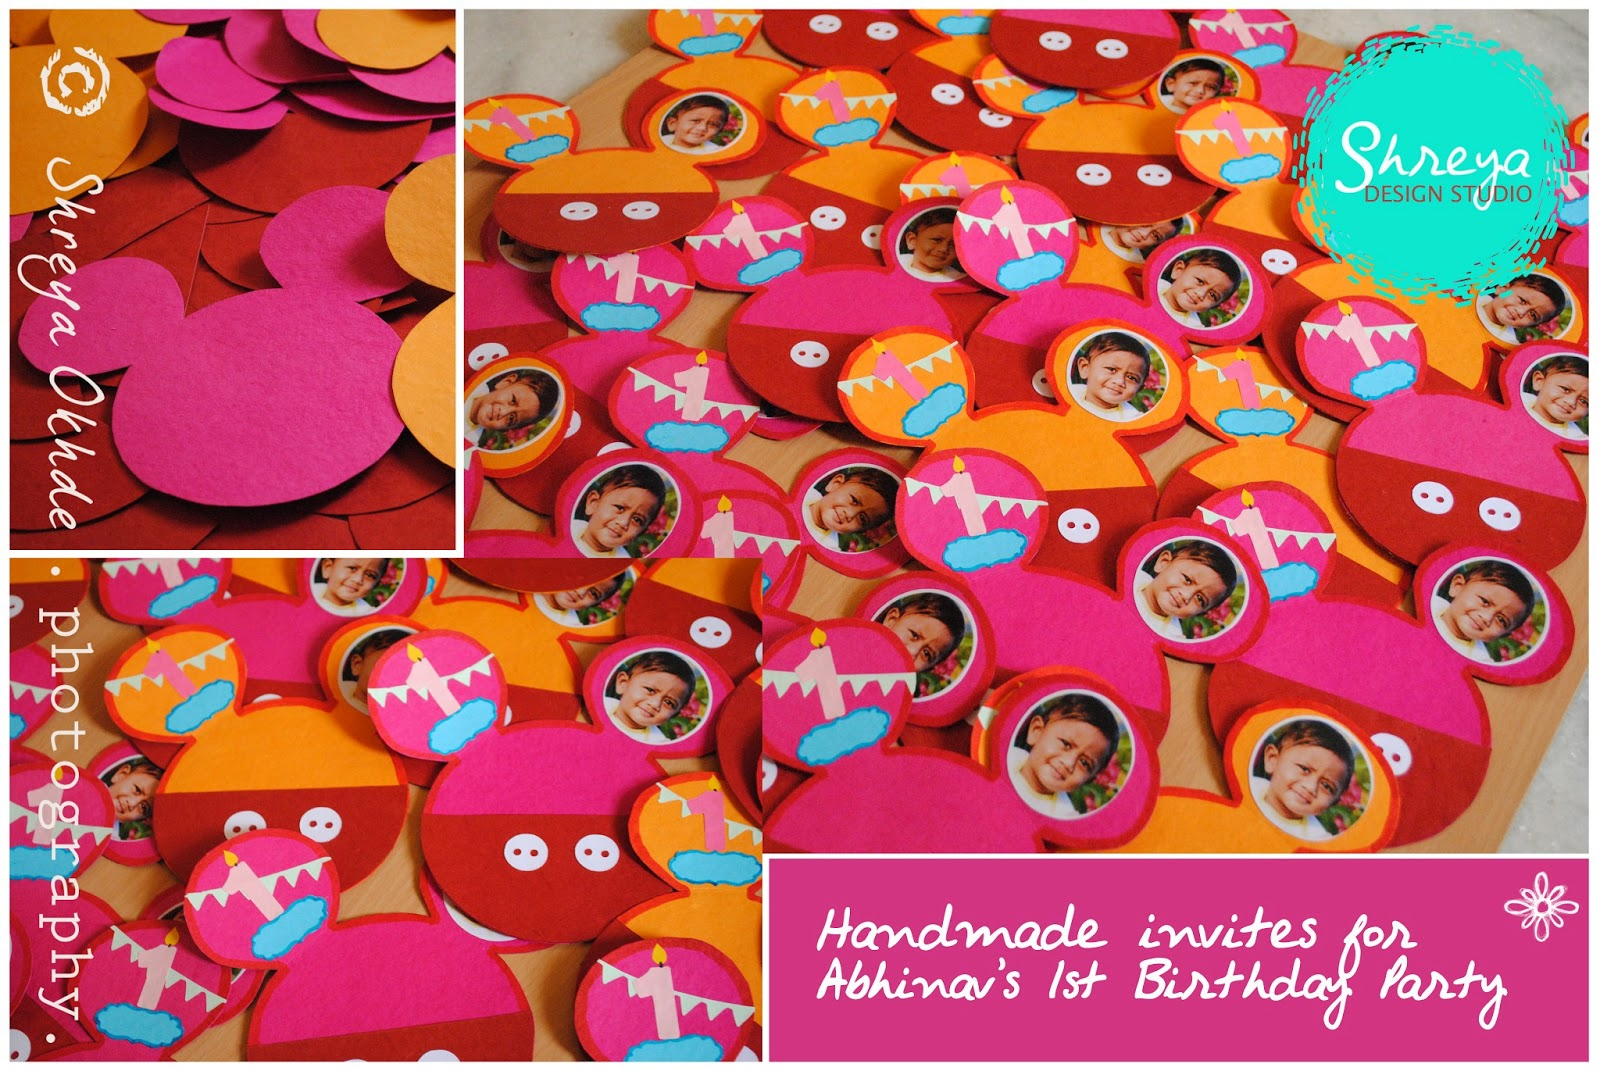 Handmade Invitations For Disneyland Themed Birthday Party Shreya